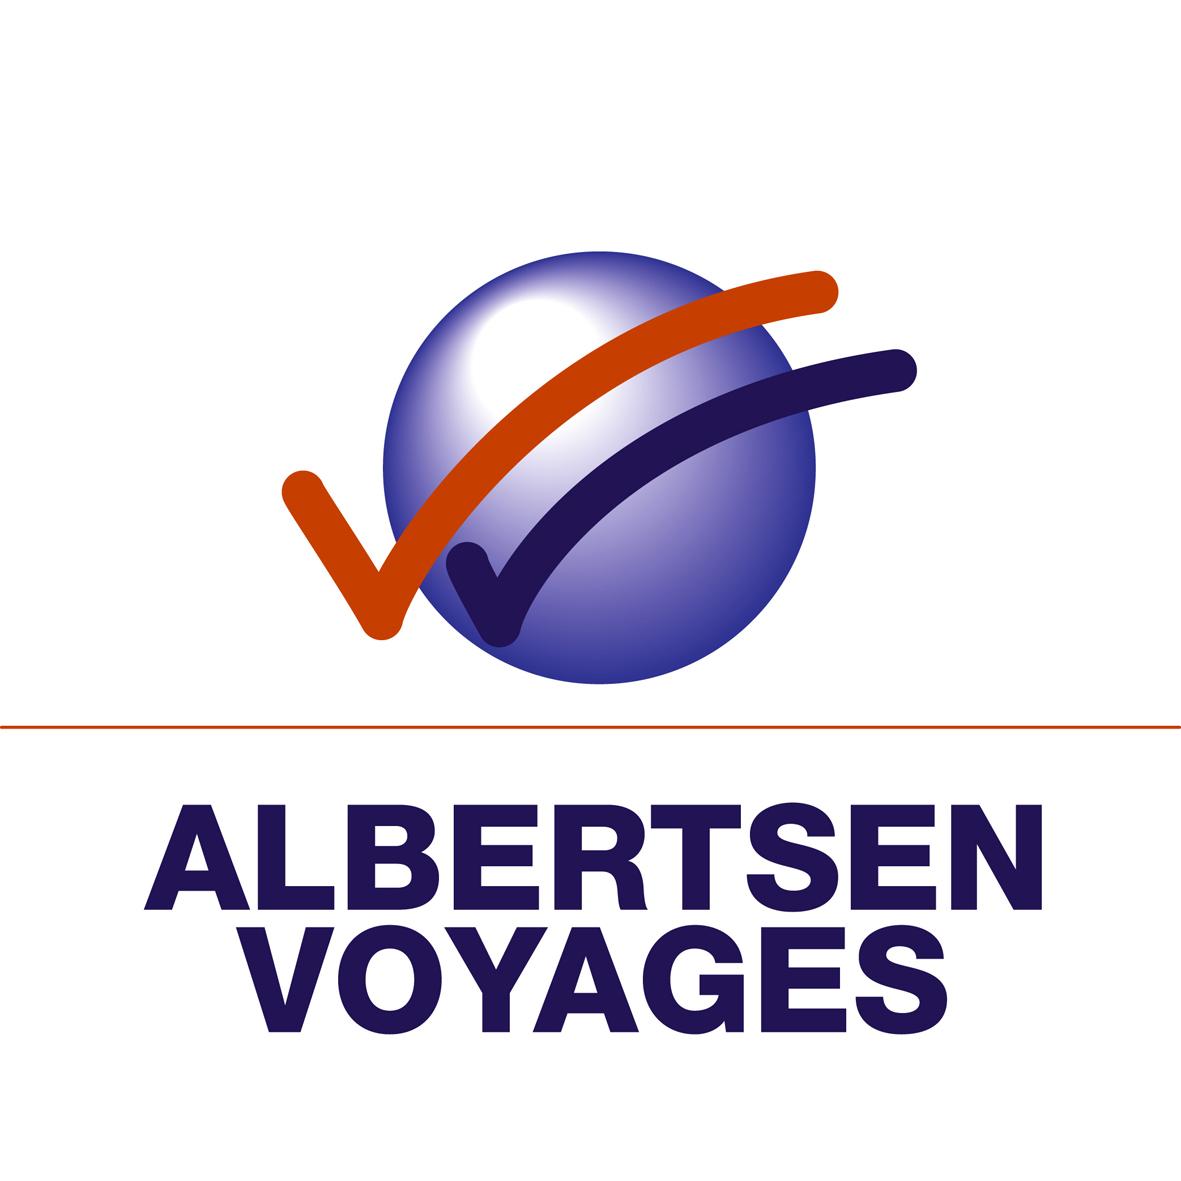 Bild Albertsen Voyages SA